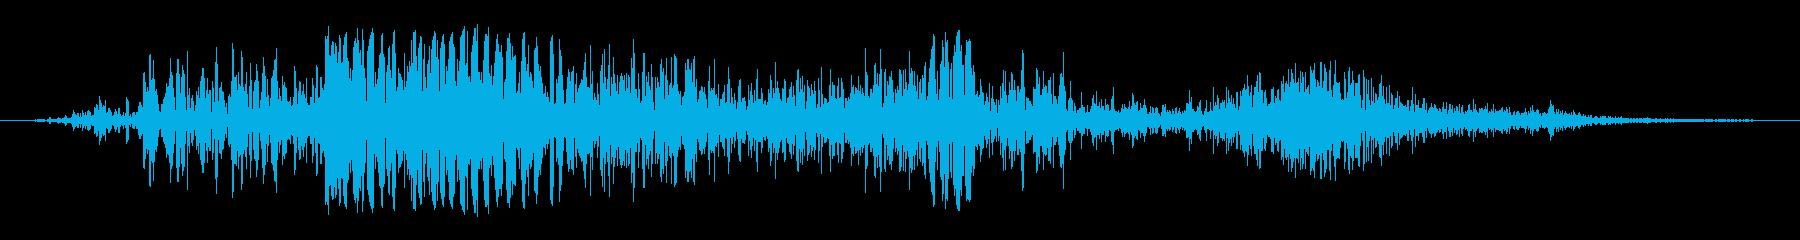 ハードボディフォールオンダートの再生済みの波形